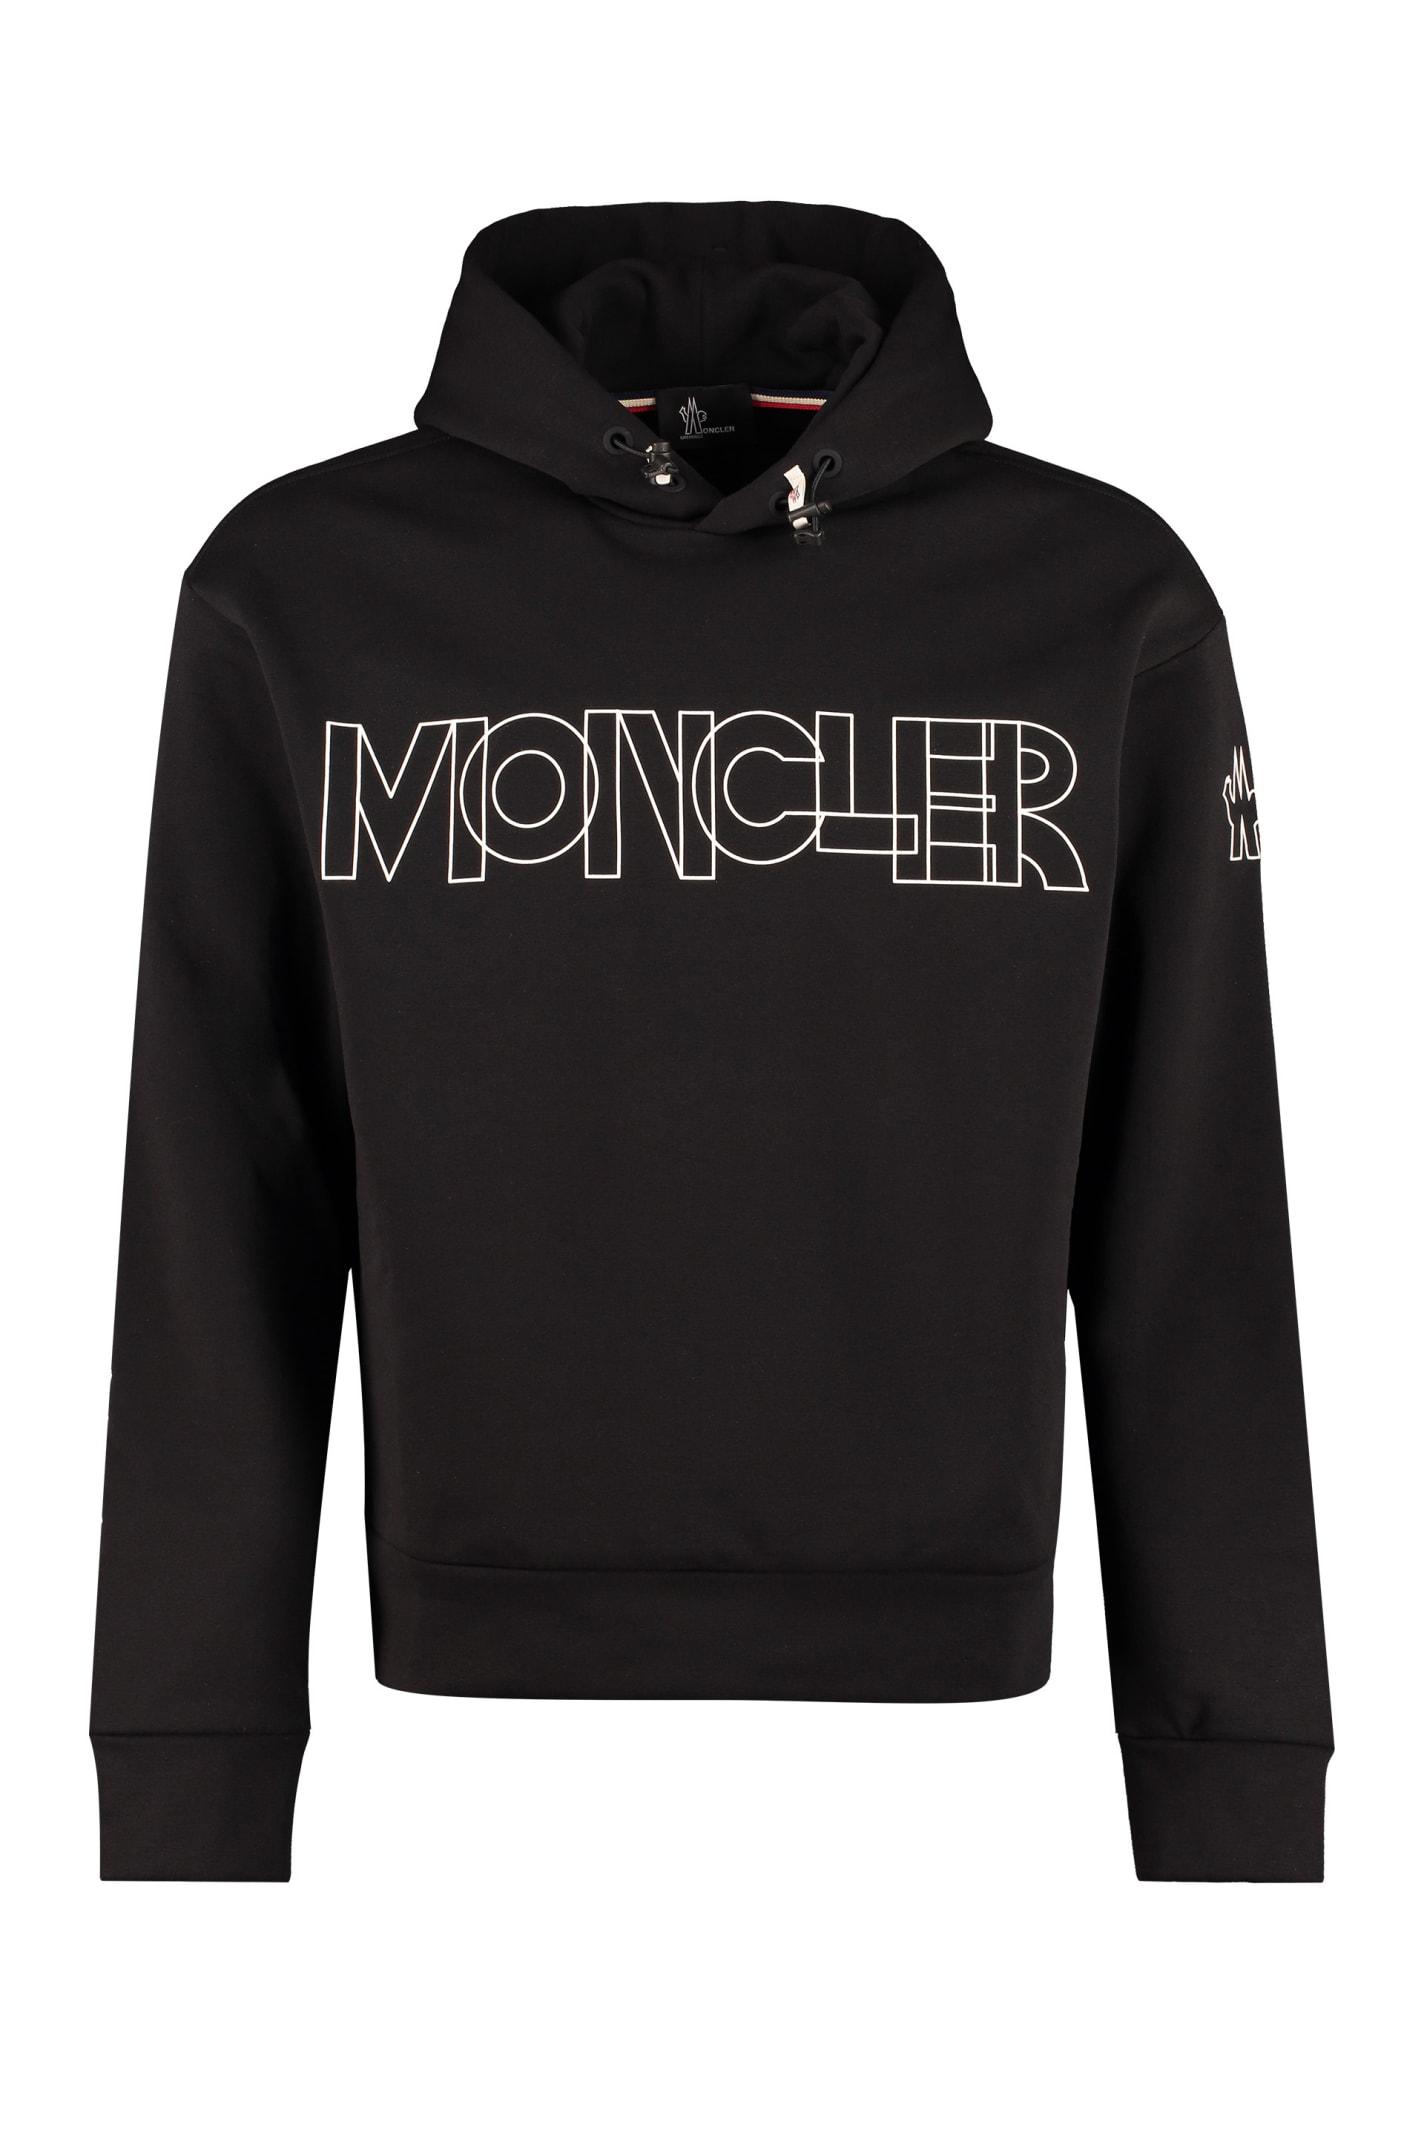 Moncler Grenoble Printed Hoodie In Black